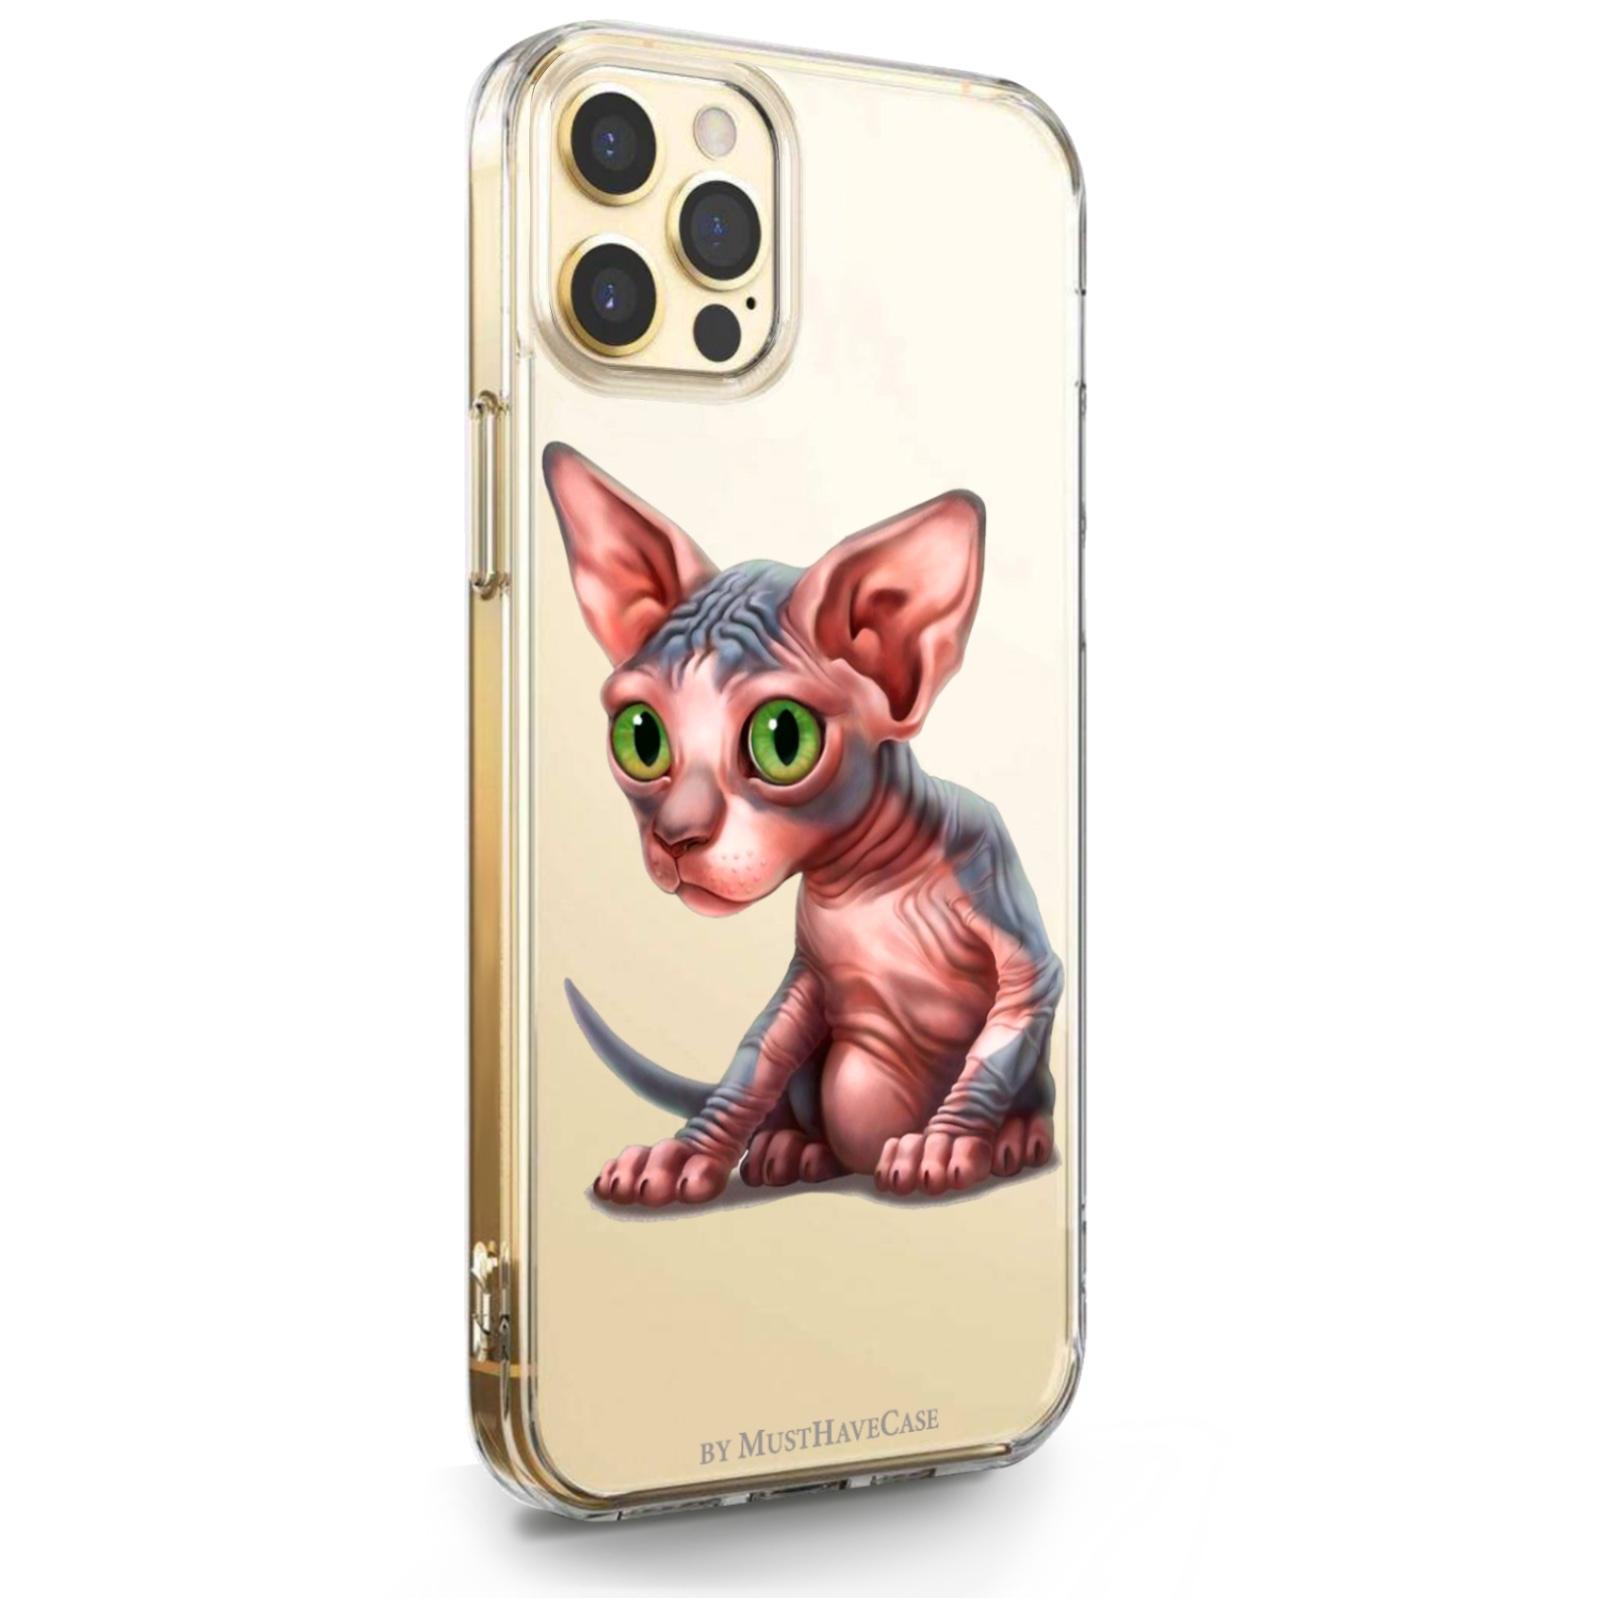 Прозрачный силиконовый чехол для iPhone 12 Pro Max Sphinx/ Сфинкс для Айфон 12 Про Макс